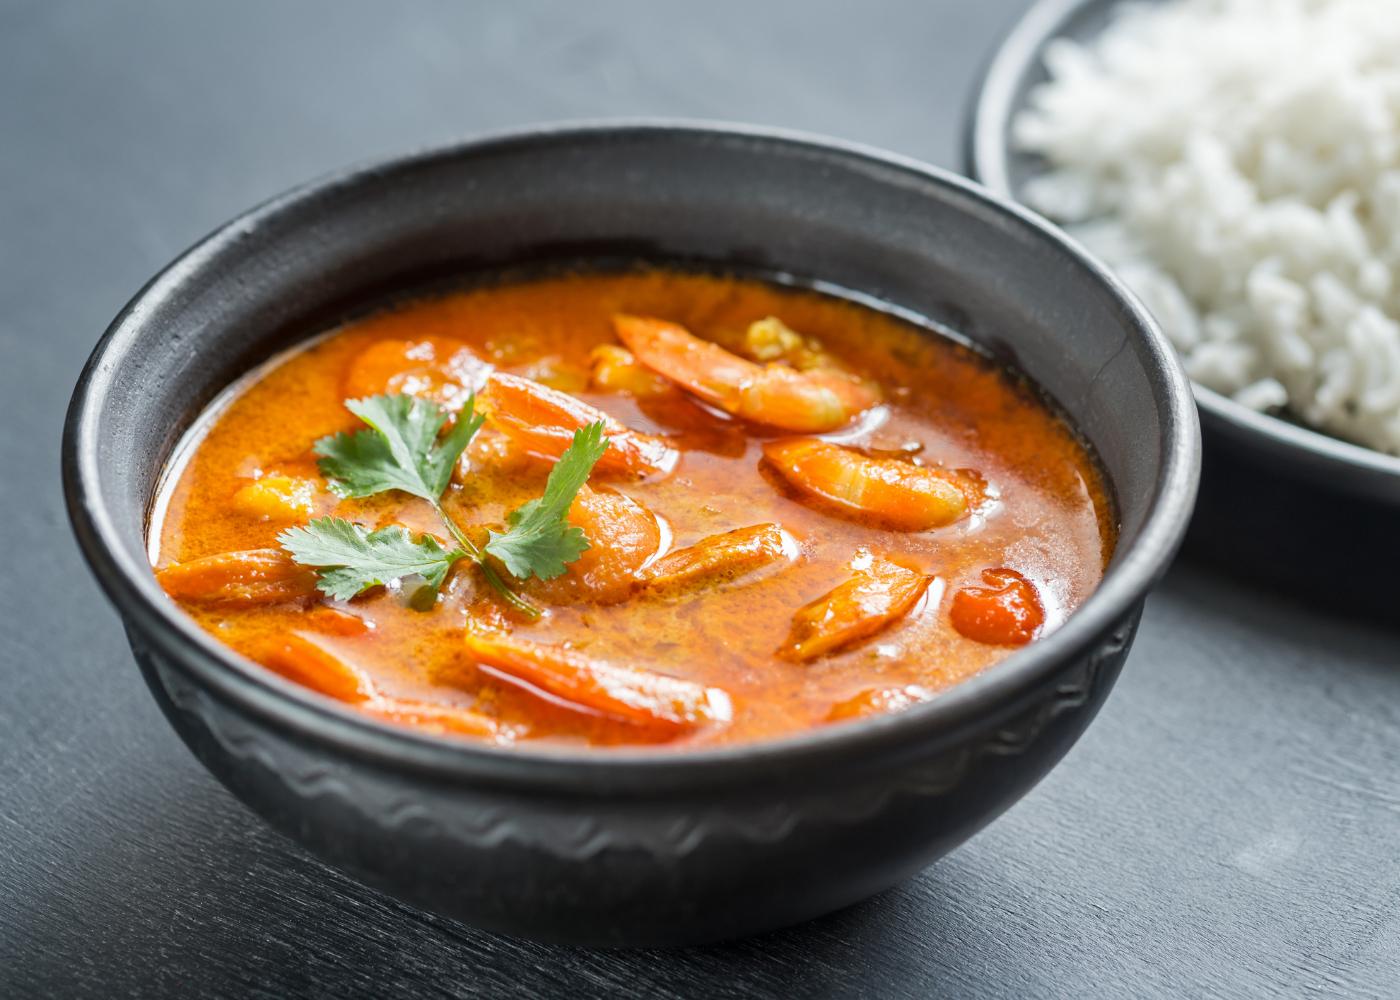 tigela com frango, camarão e batata